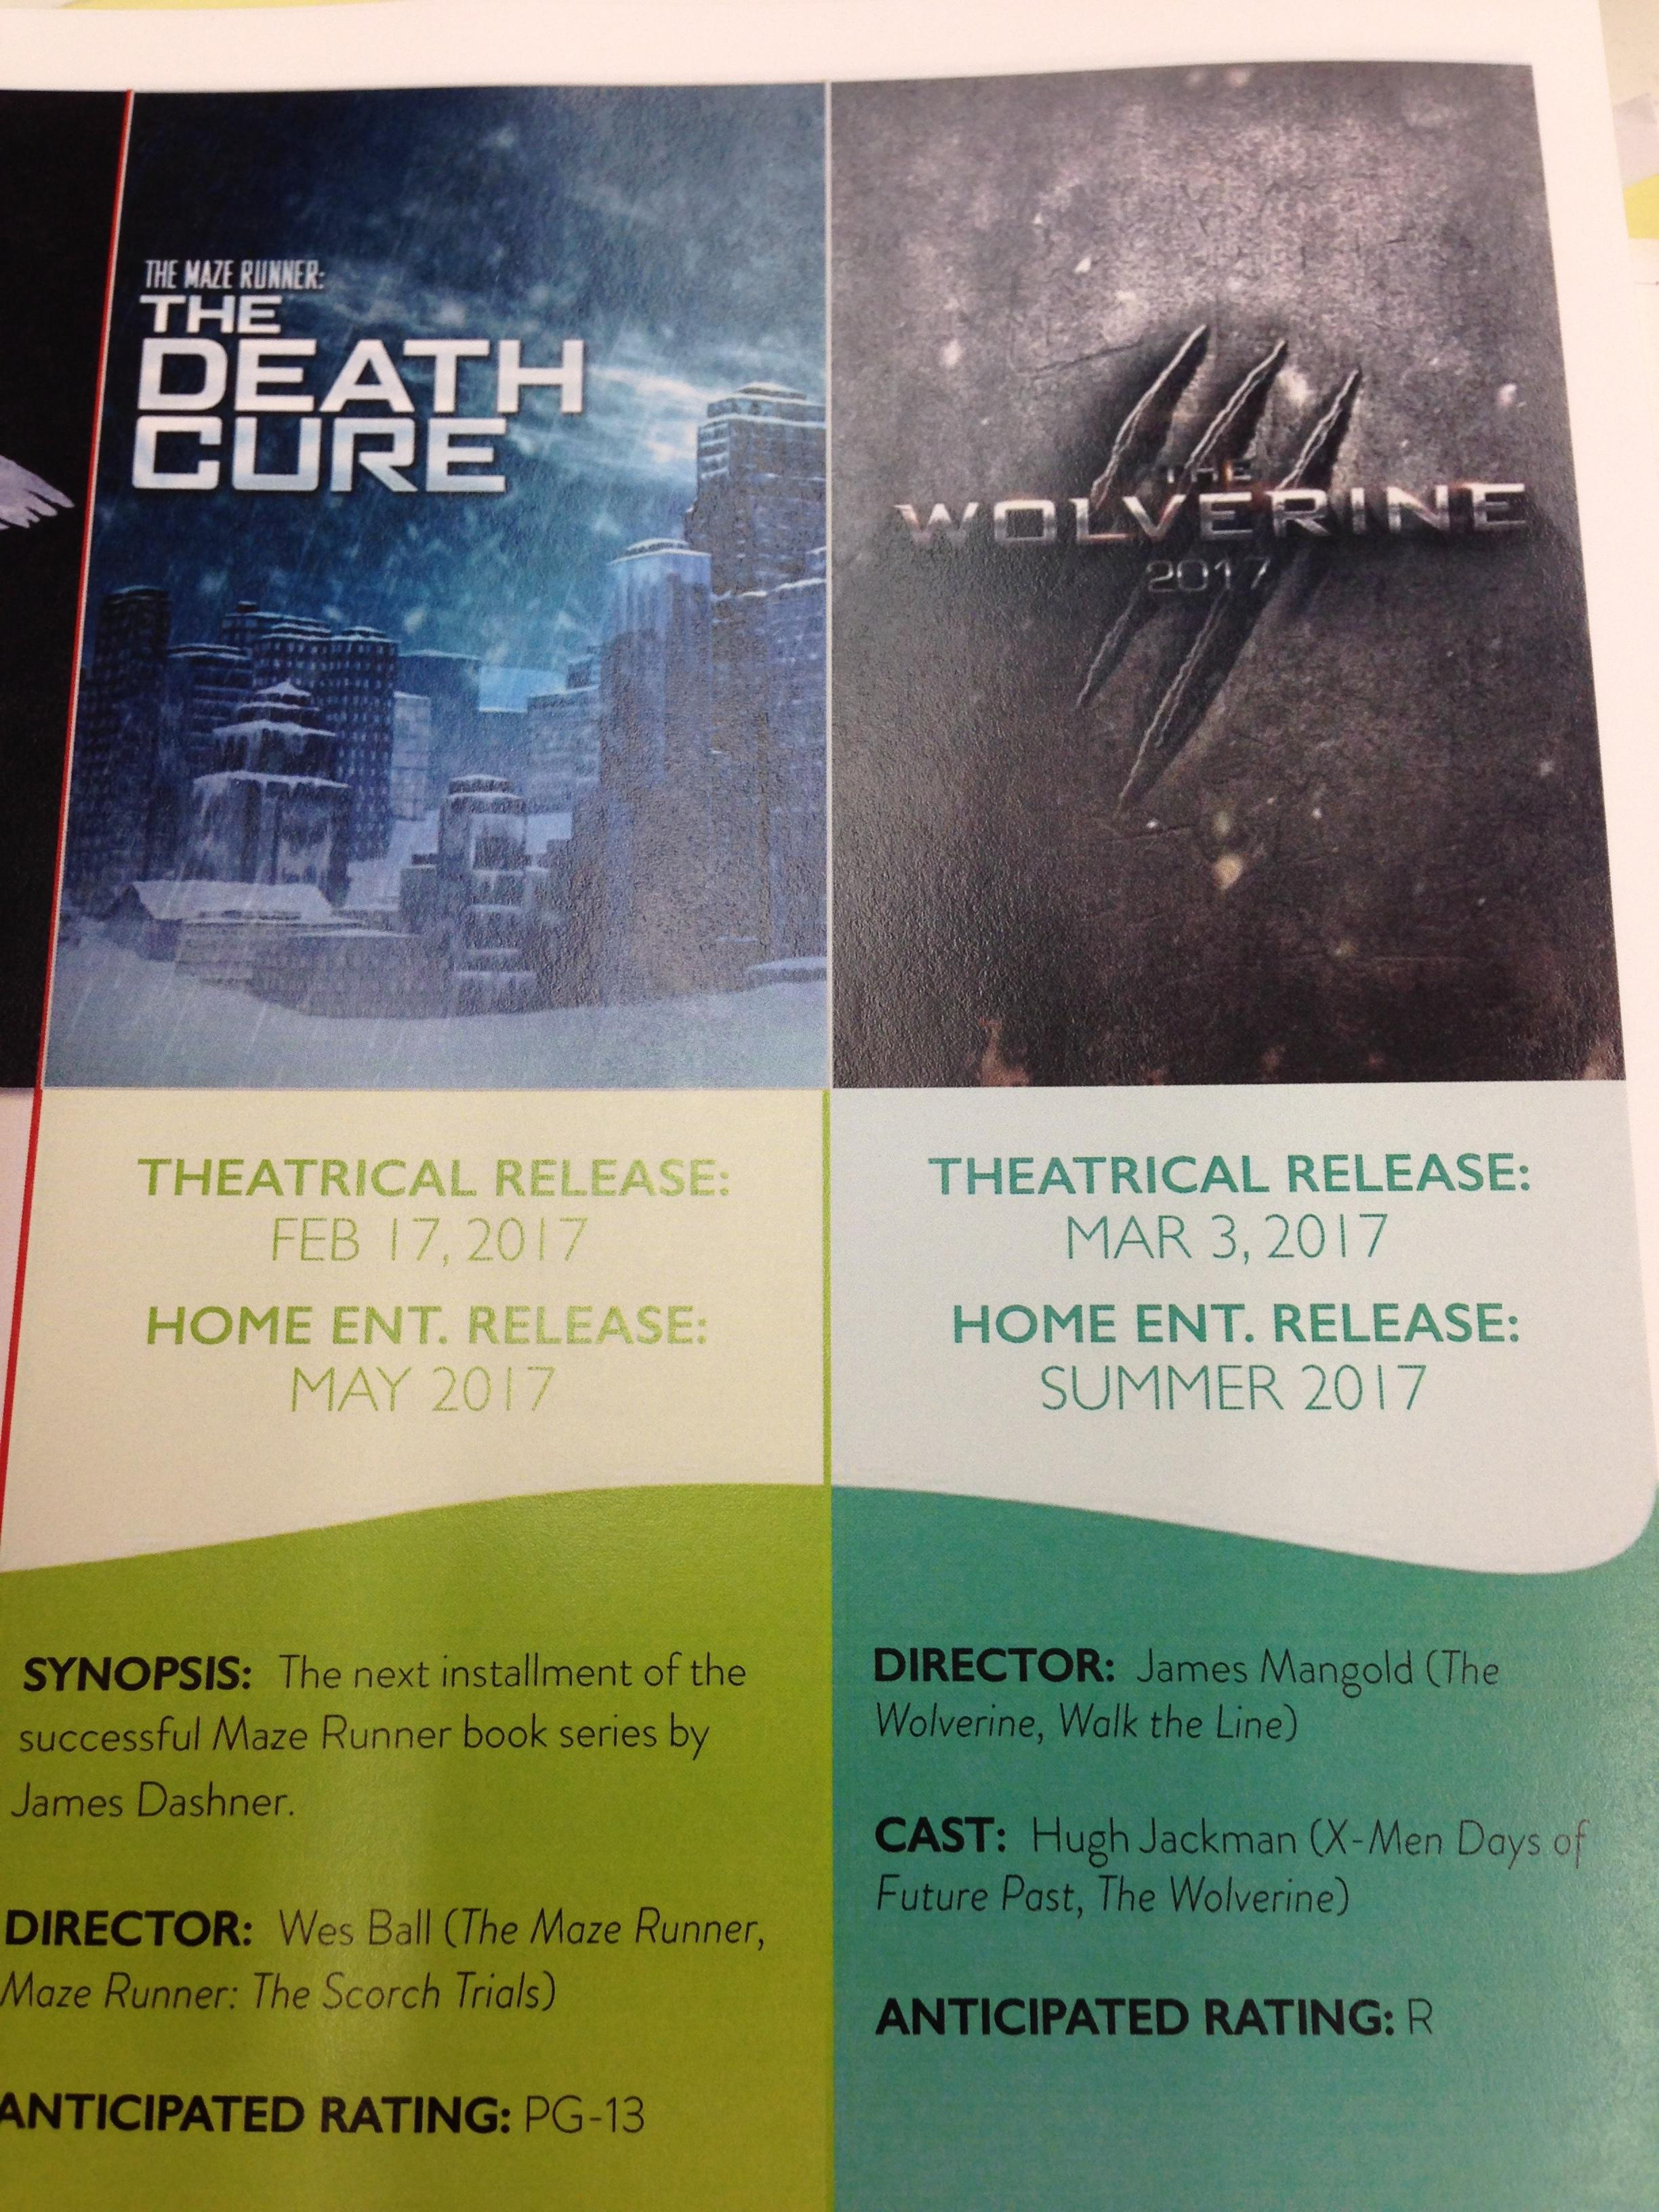 Wolverine 3 potrebbe essere distribuito con un rating R così come si evince dalla brochure di presentazione.